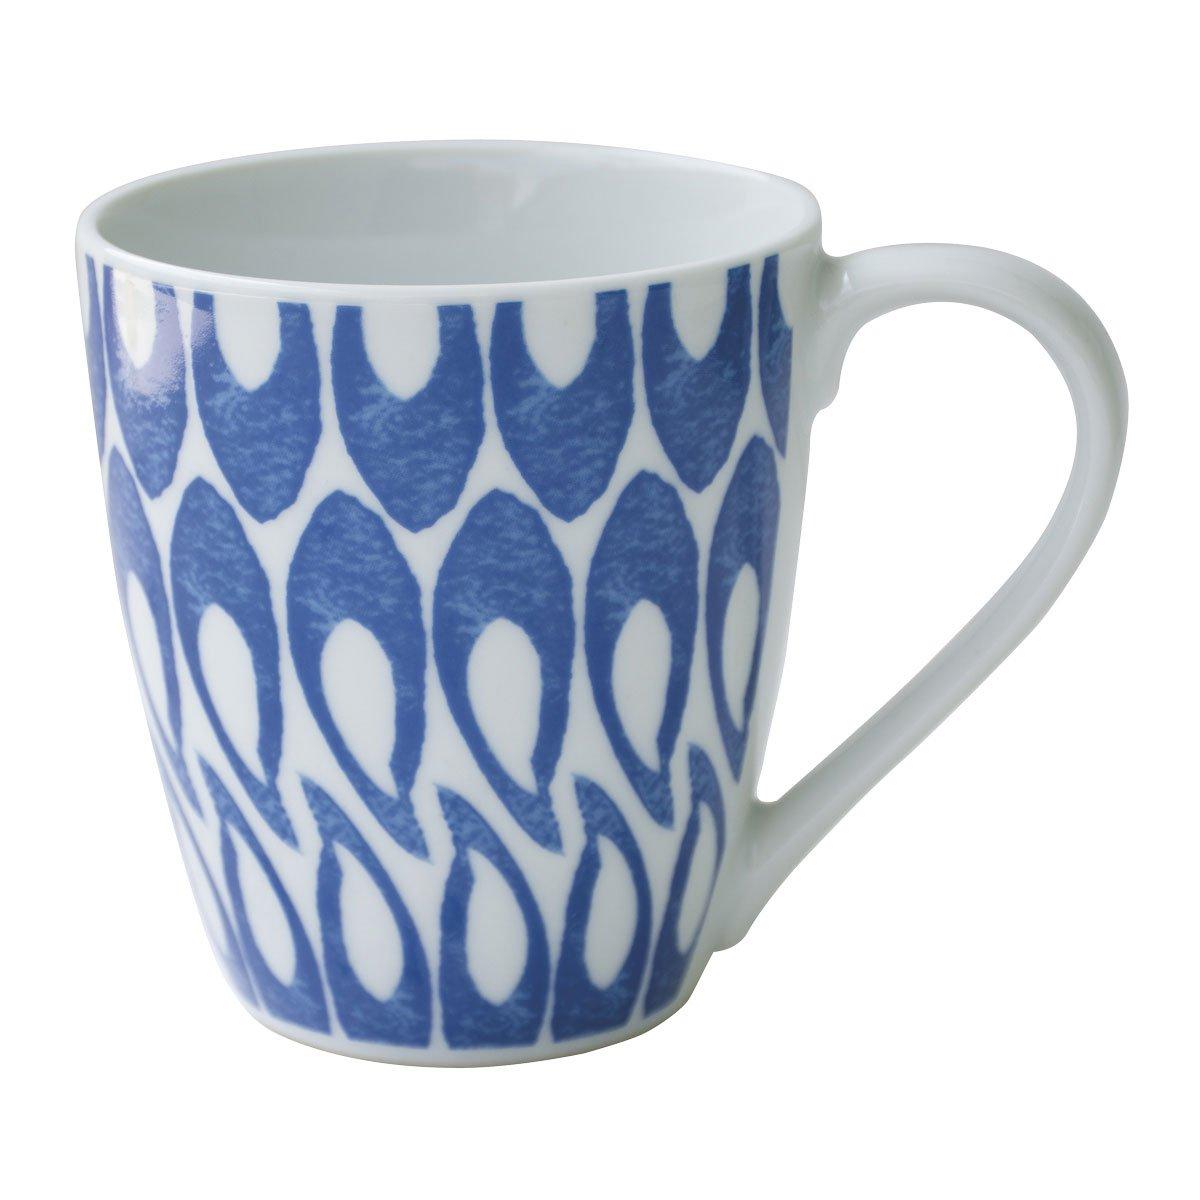 Vajilla de porcelana 16 piezas l l sears com mx me for Vajilla porcelana